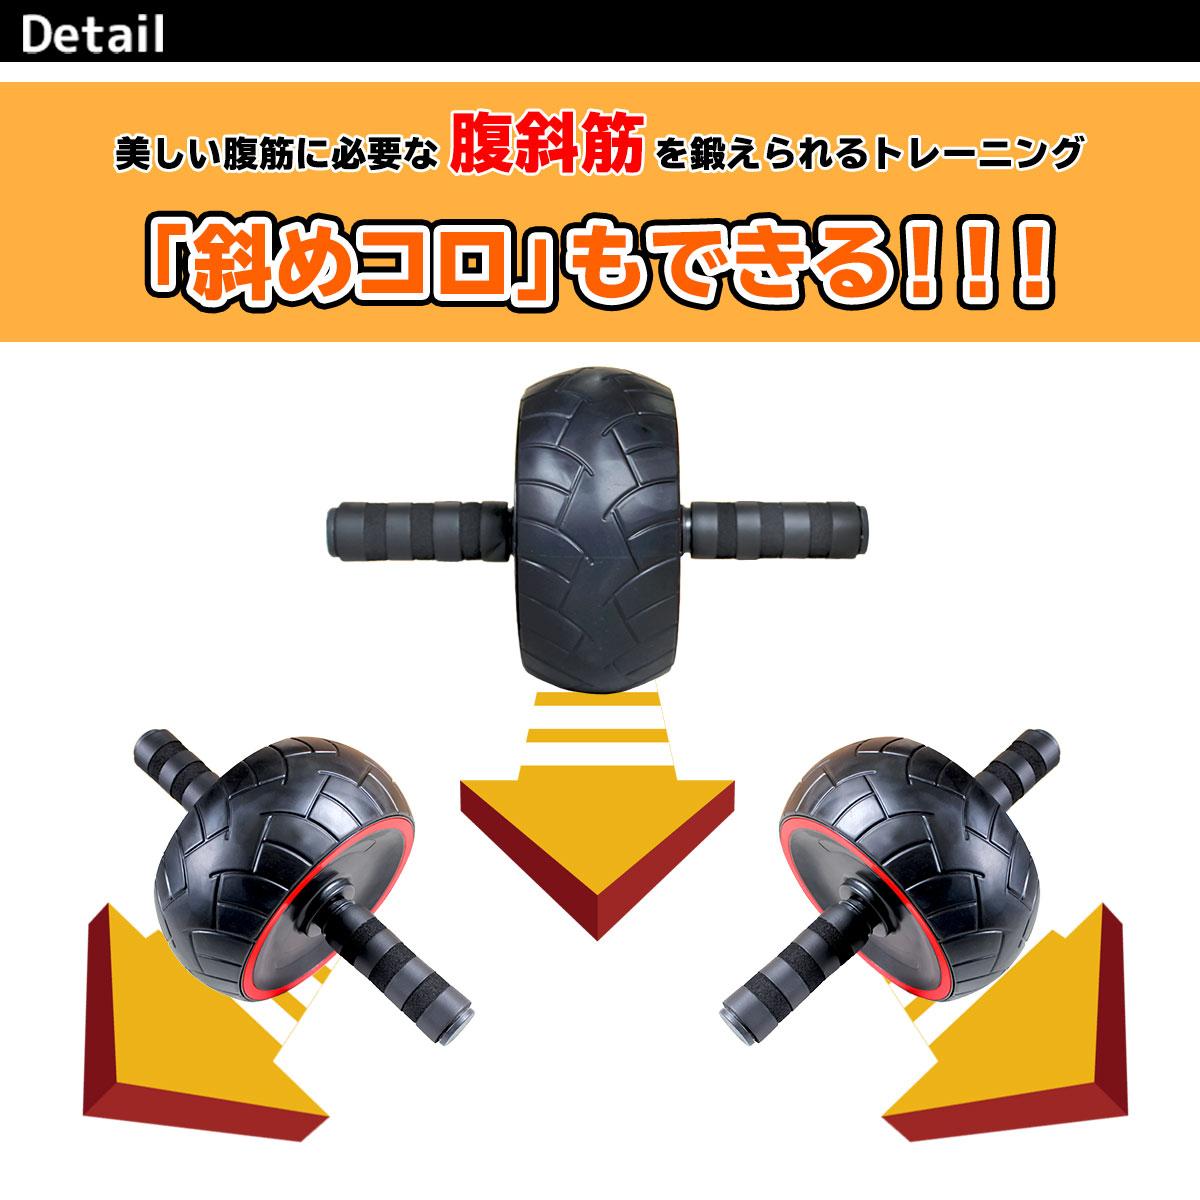 アブローラー 腹筋 トレーニング ローラー シックスパック 筋トレ